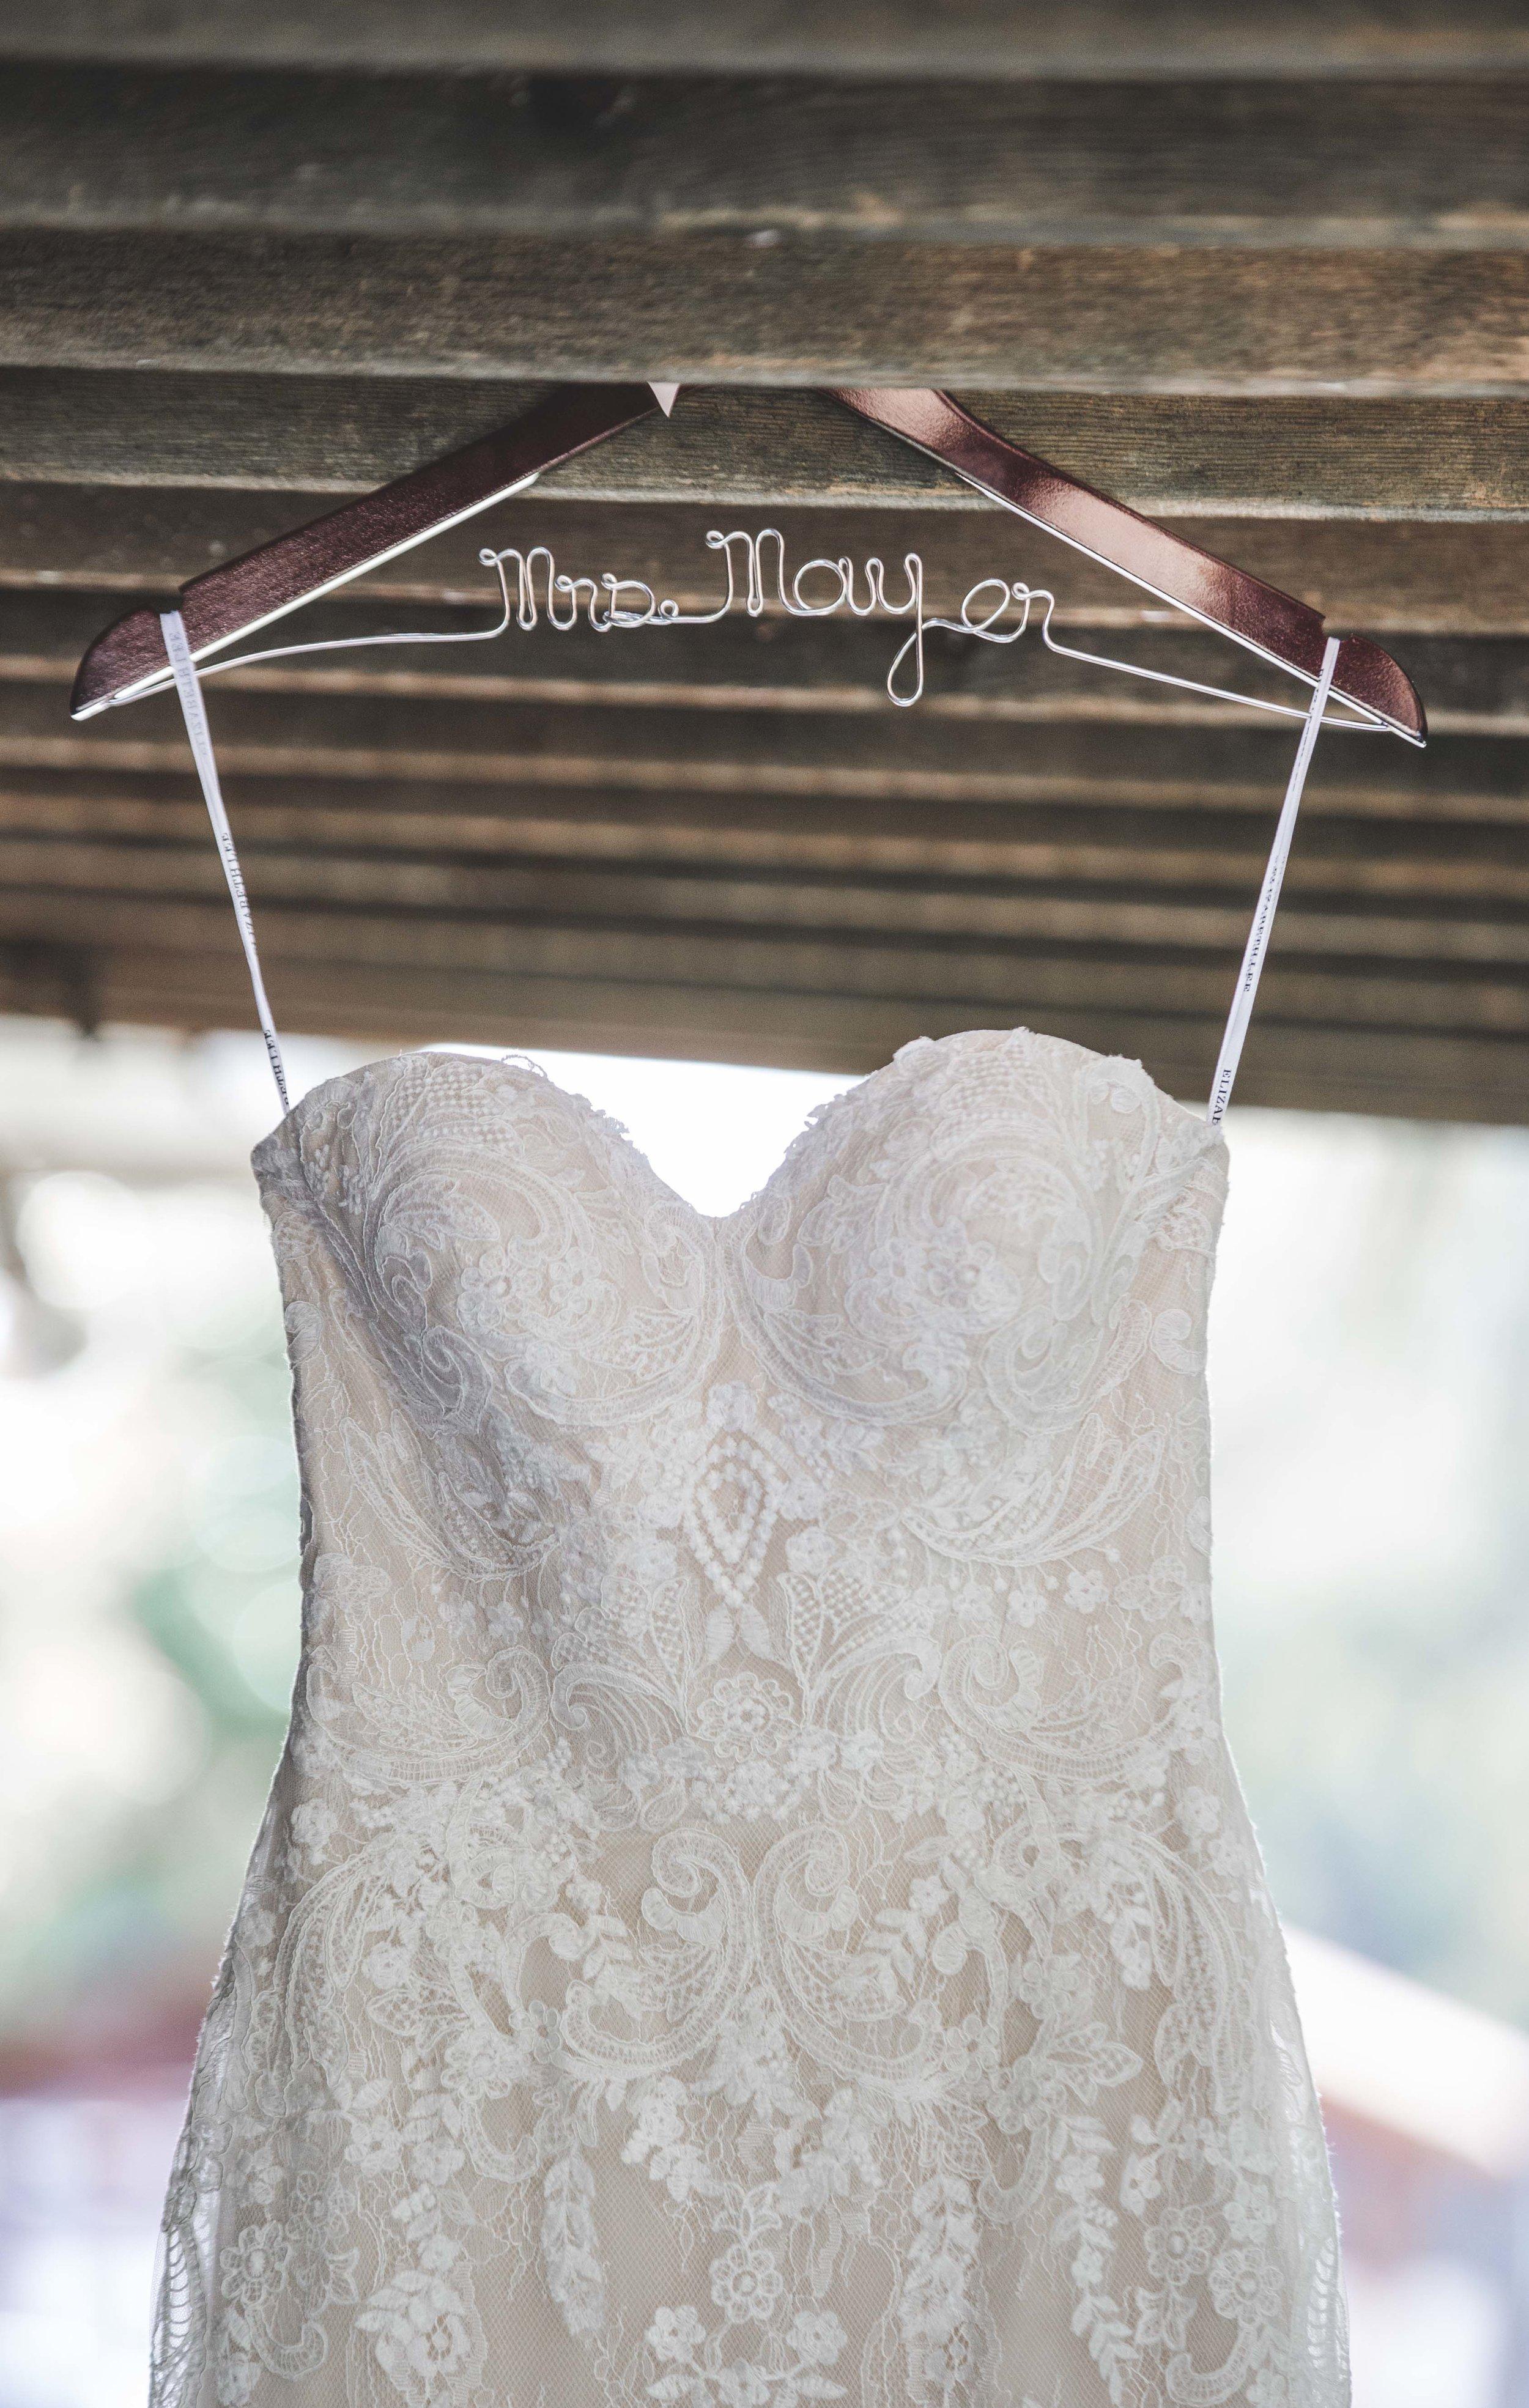 ATGI_Susanna & Matt Wedding_717A7118.jpg